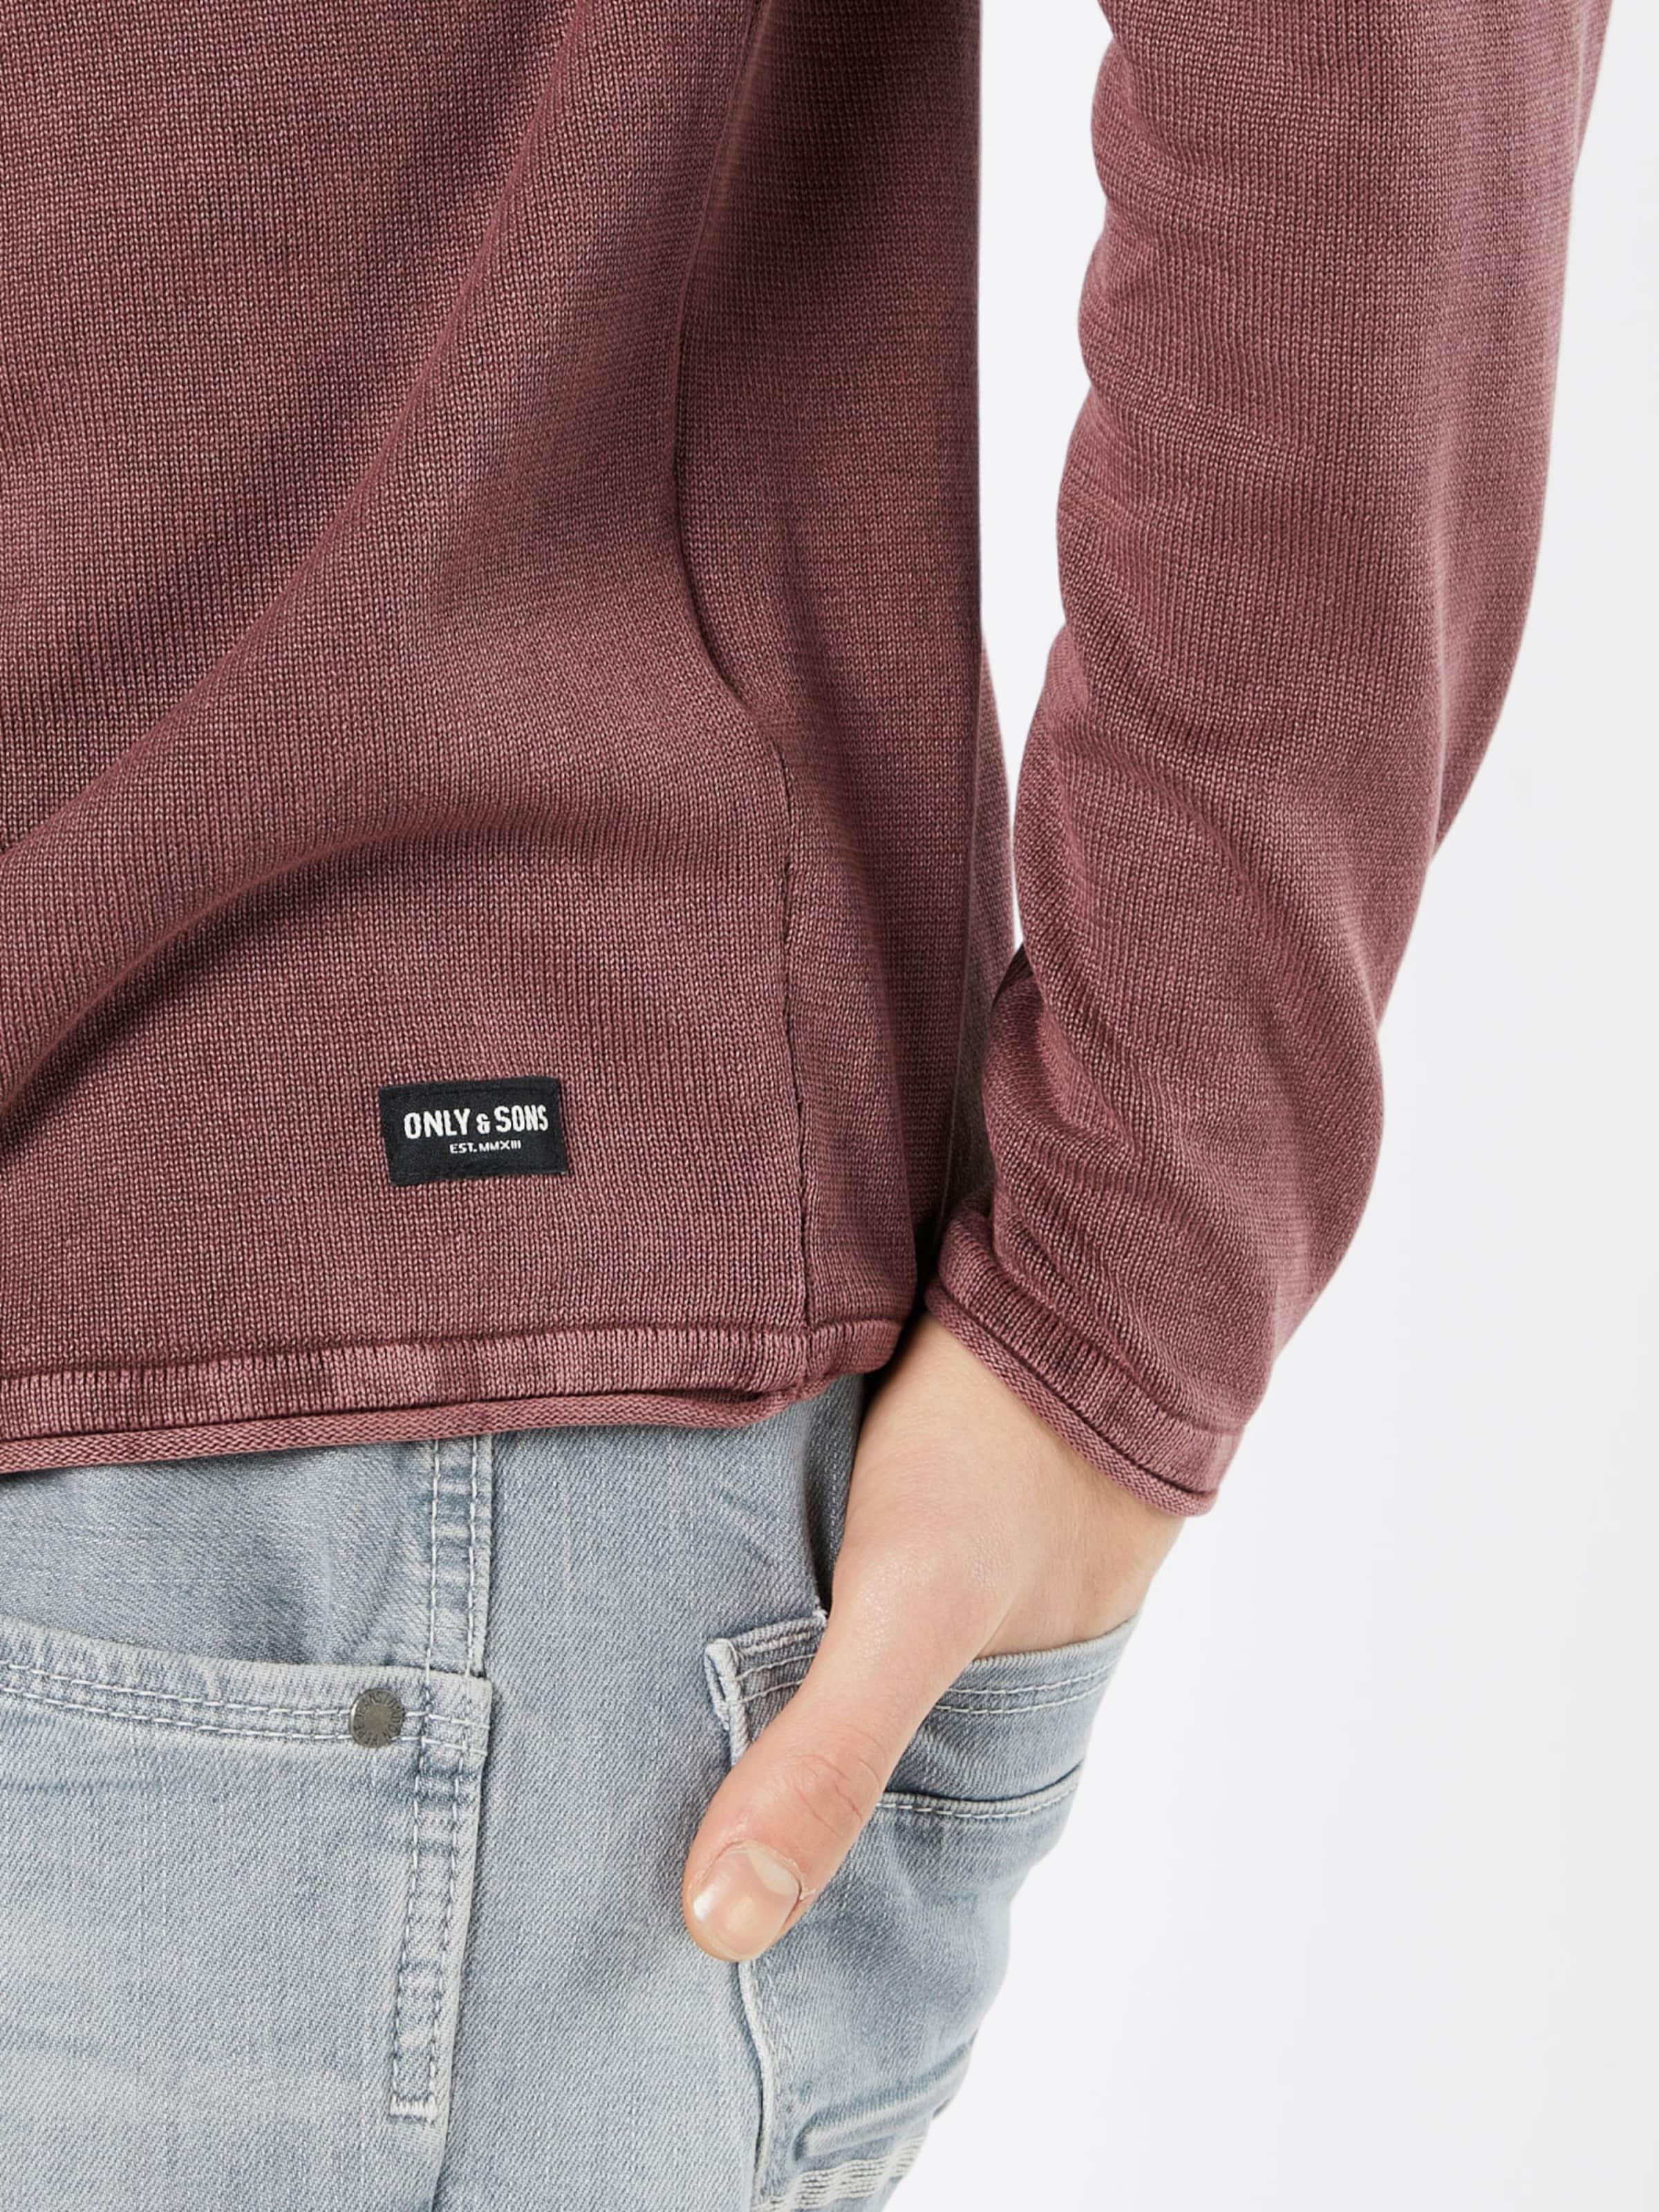 Only & Sons Langarm-Shirt Verkauf Zuverlässig Online-Shopping-Original Verkauf Original Günstig Kaufen Websites Preiswerte Neue gXHZOytD